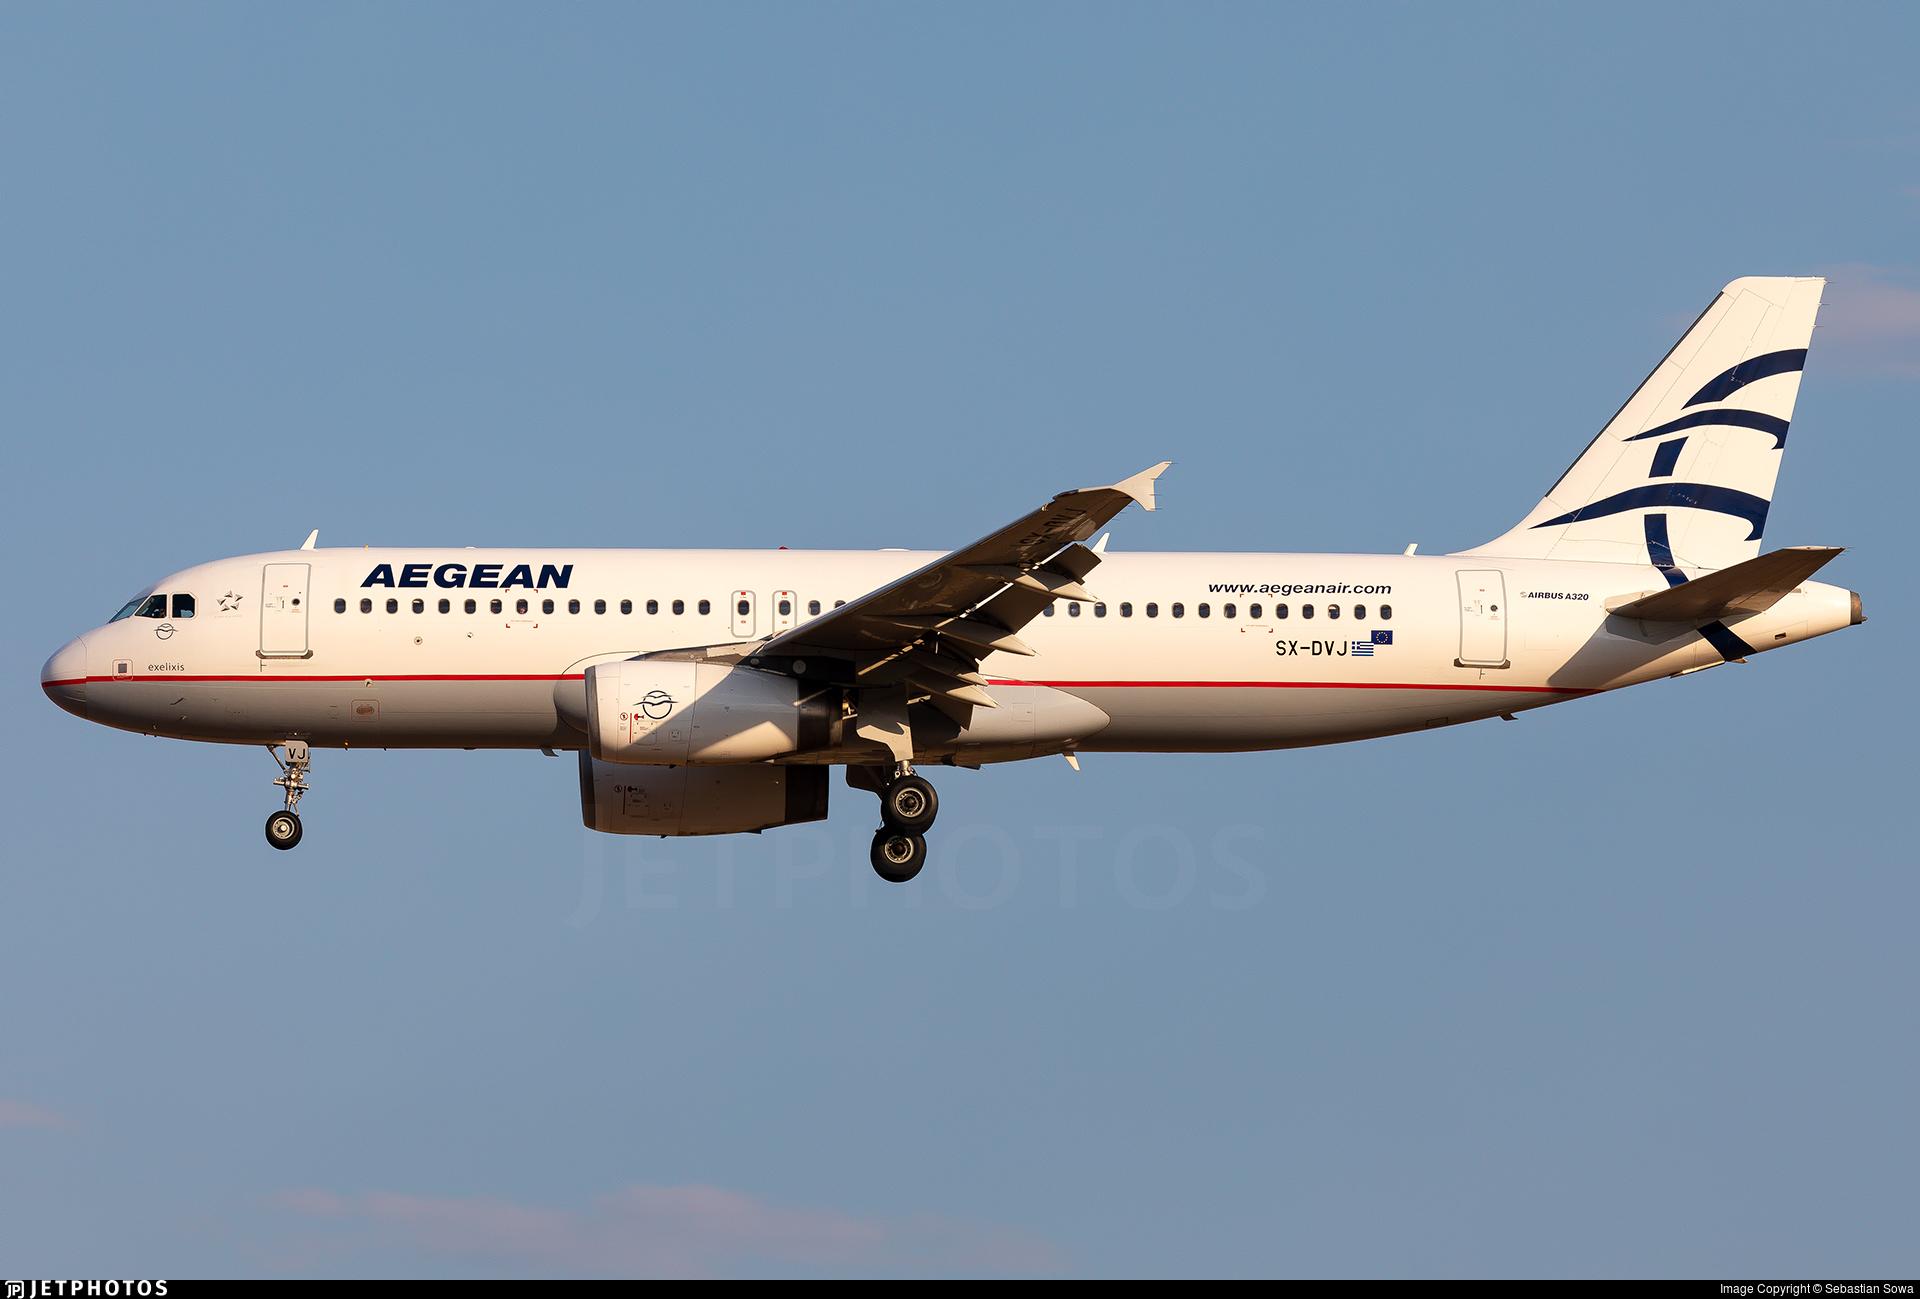 SX-DVJ - Airbus A320-232 - Aegean Airlines